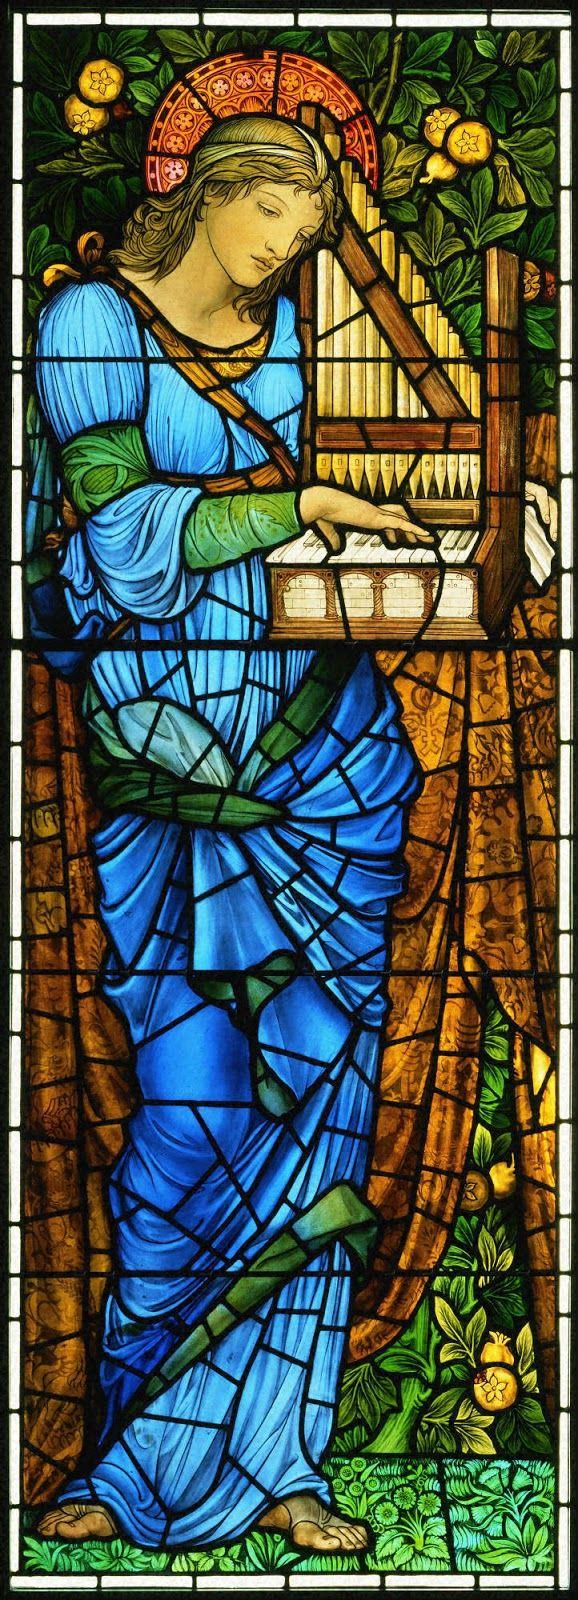 Αγία Σεσίλια  Βιτρό στη Δεύτερη Πρεσβυτεριανή Εκκλησία στο Σικάγο